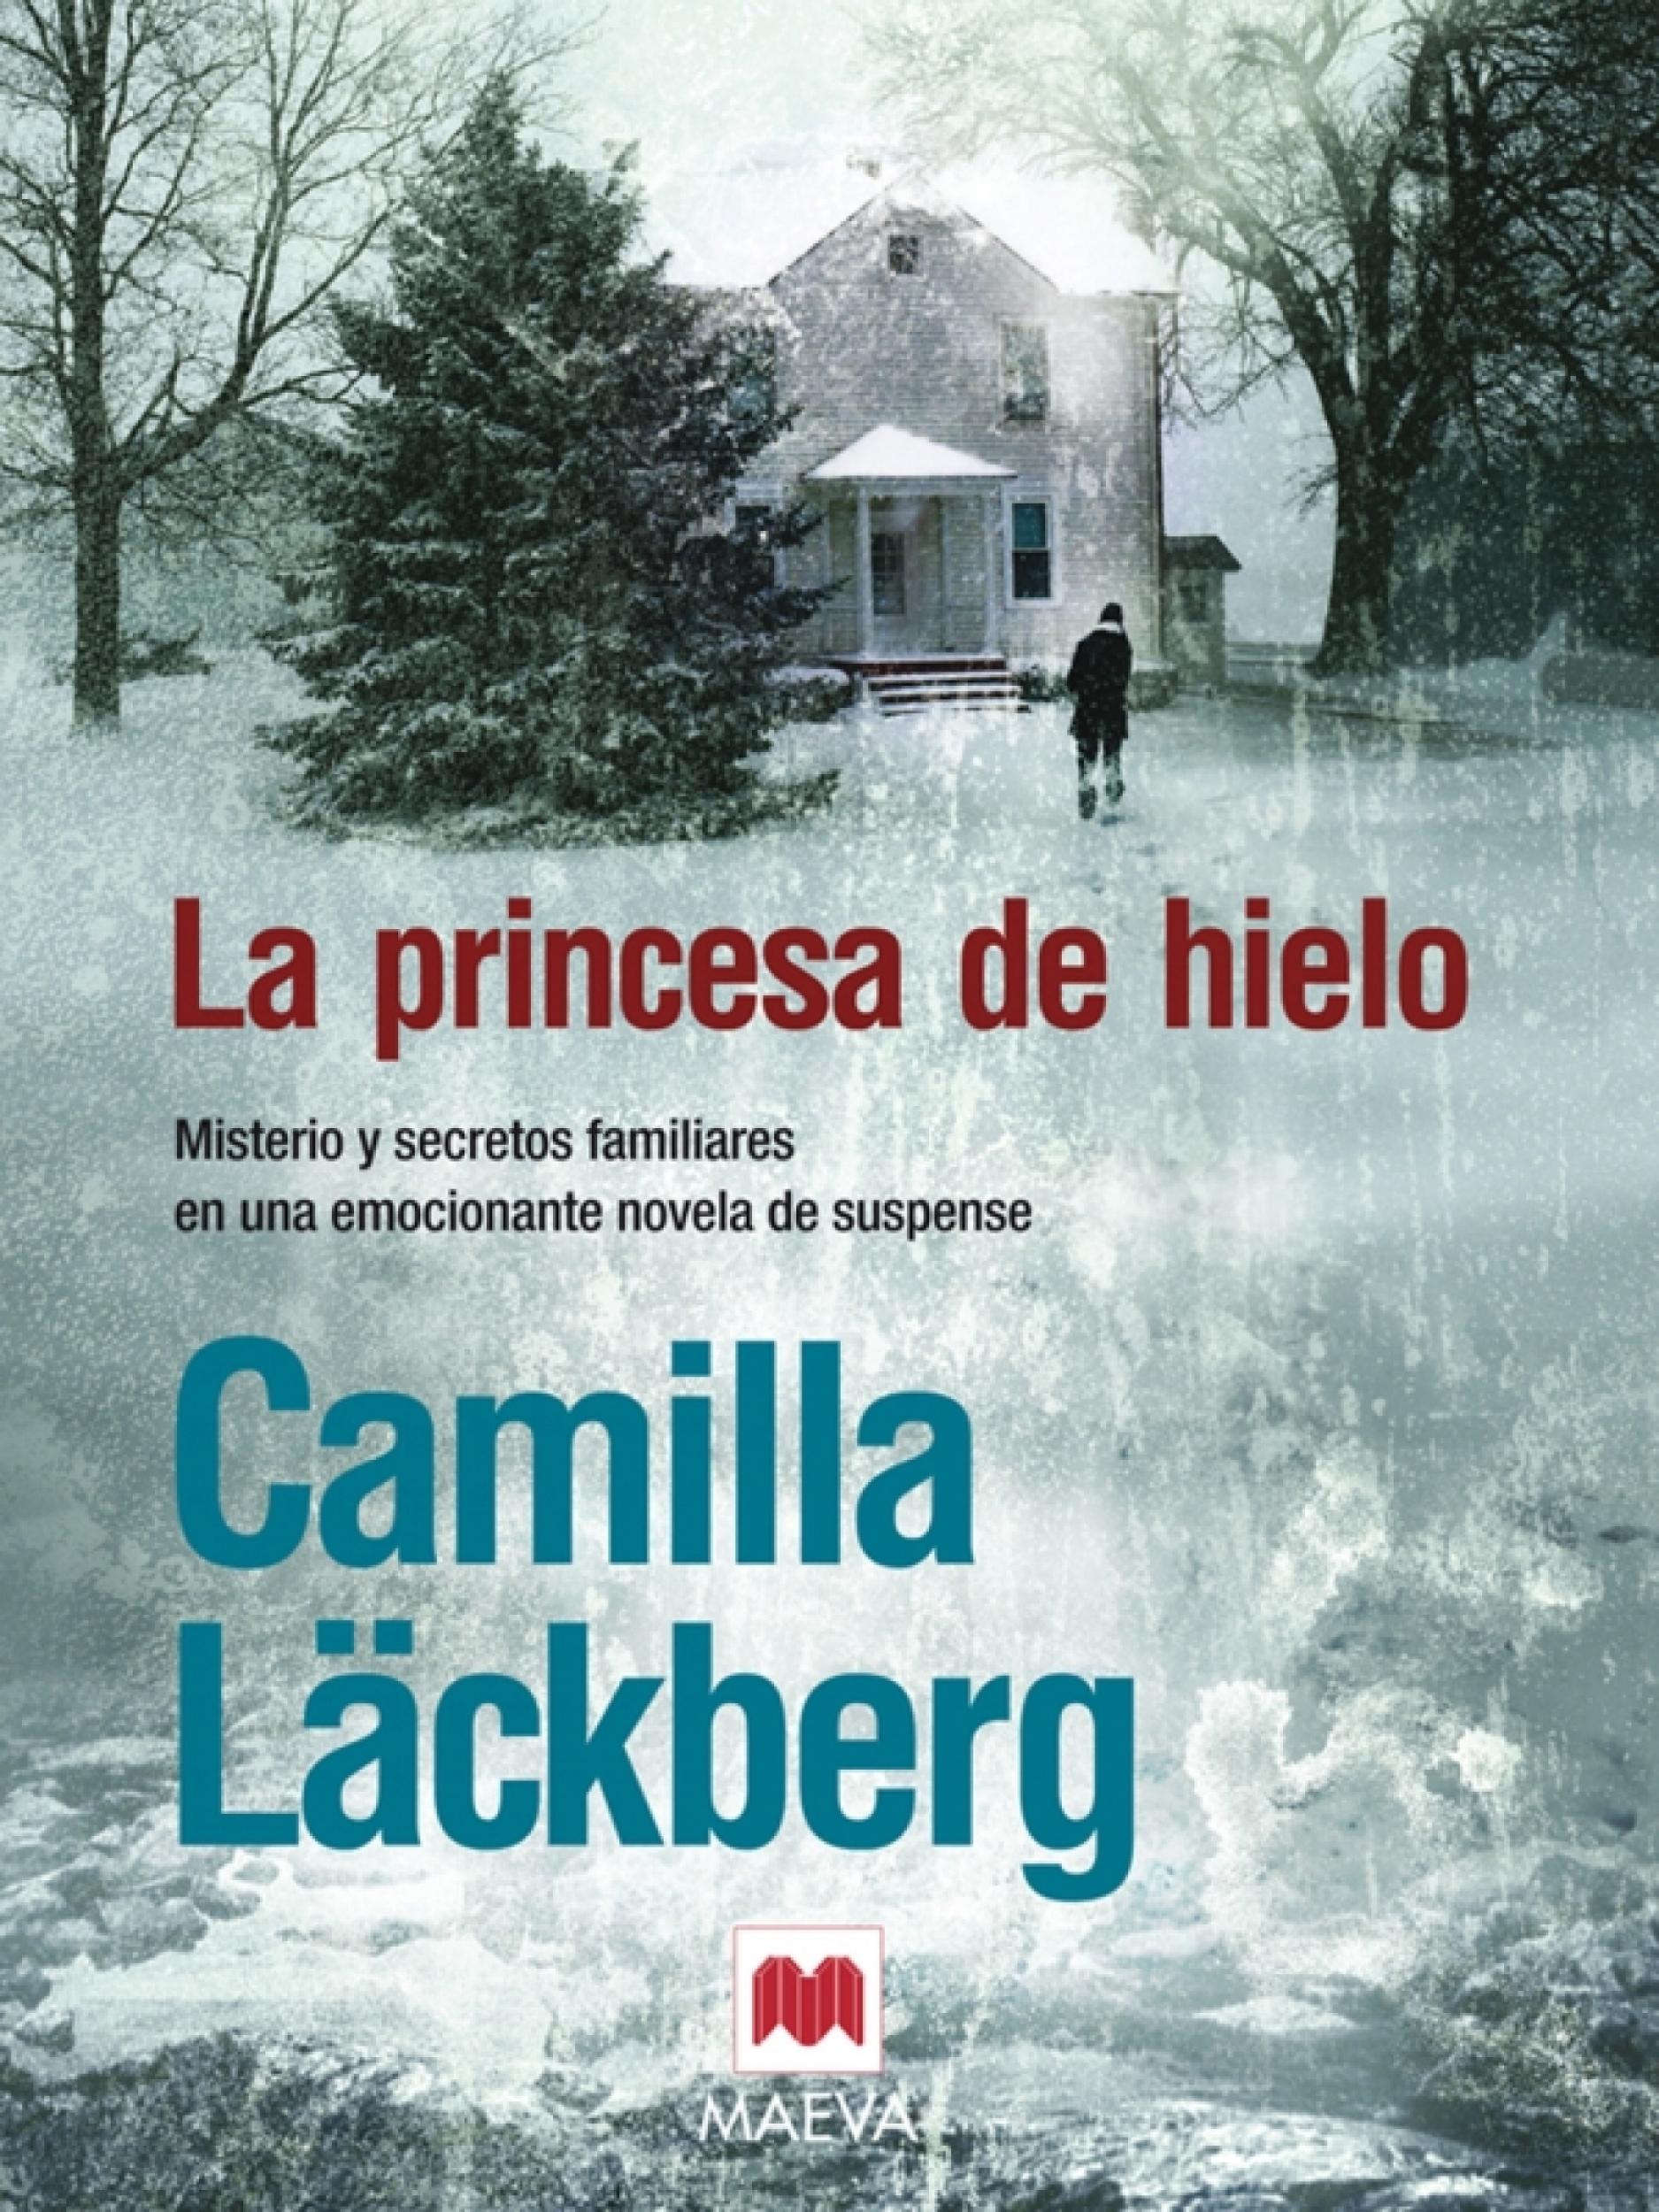 La princesa de hielo. Camila Läckberg. Ed. Maeva. Mujeres en la novela negra: rompiendo estereotipos. Por Lía Guerrero.